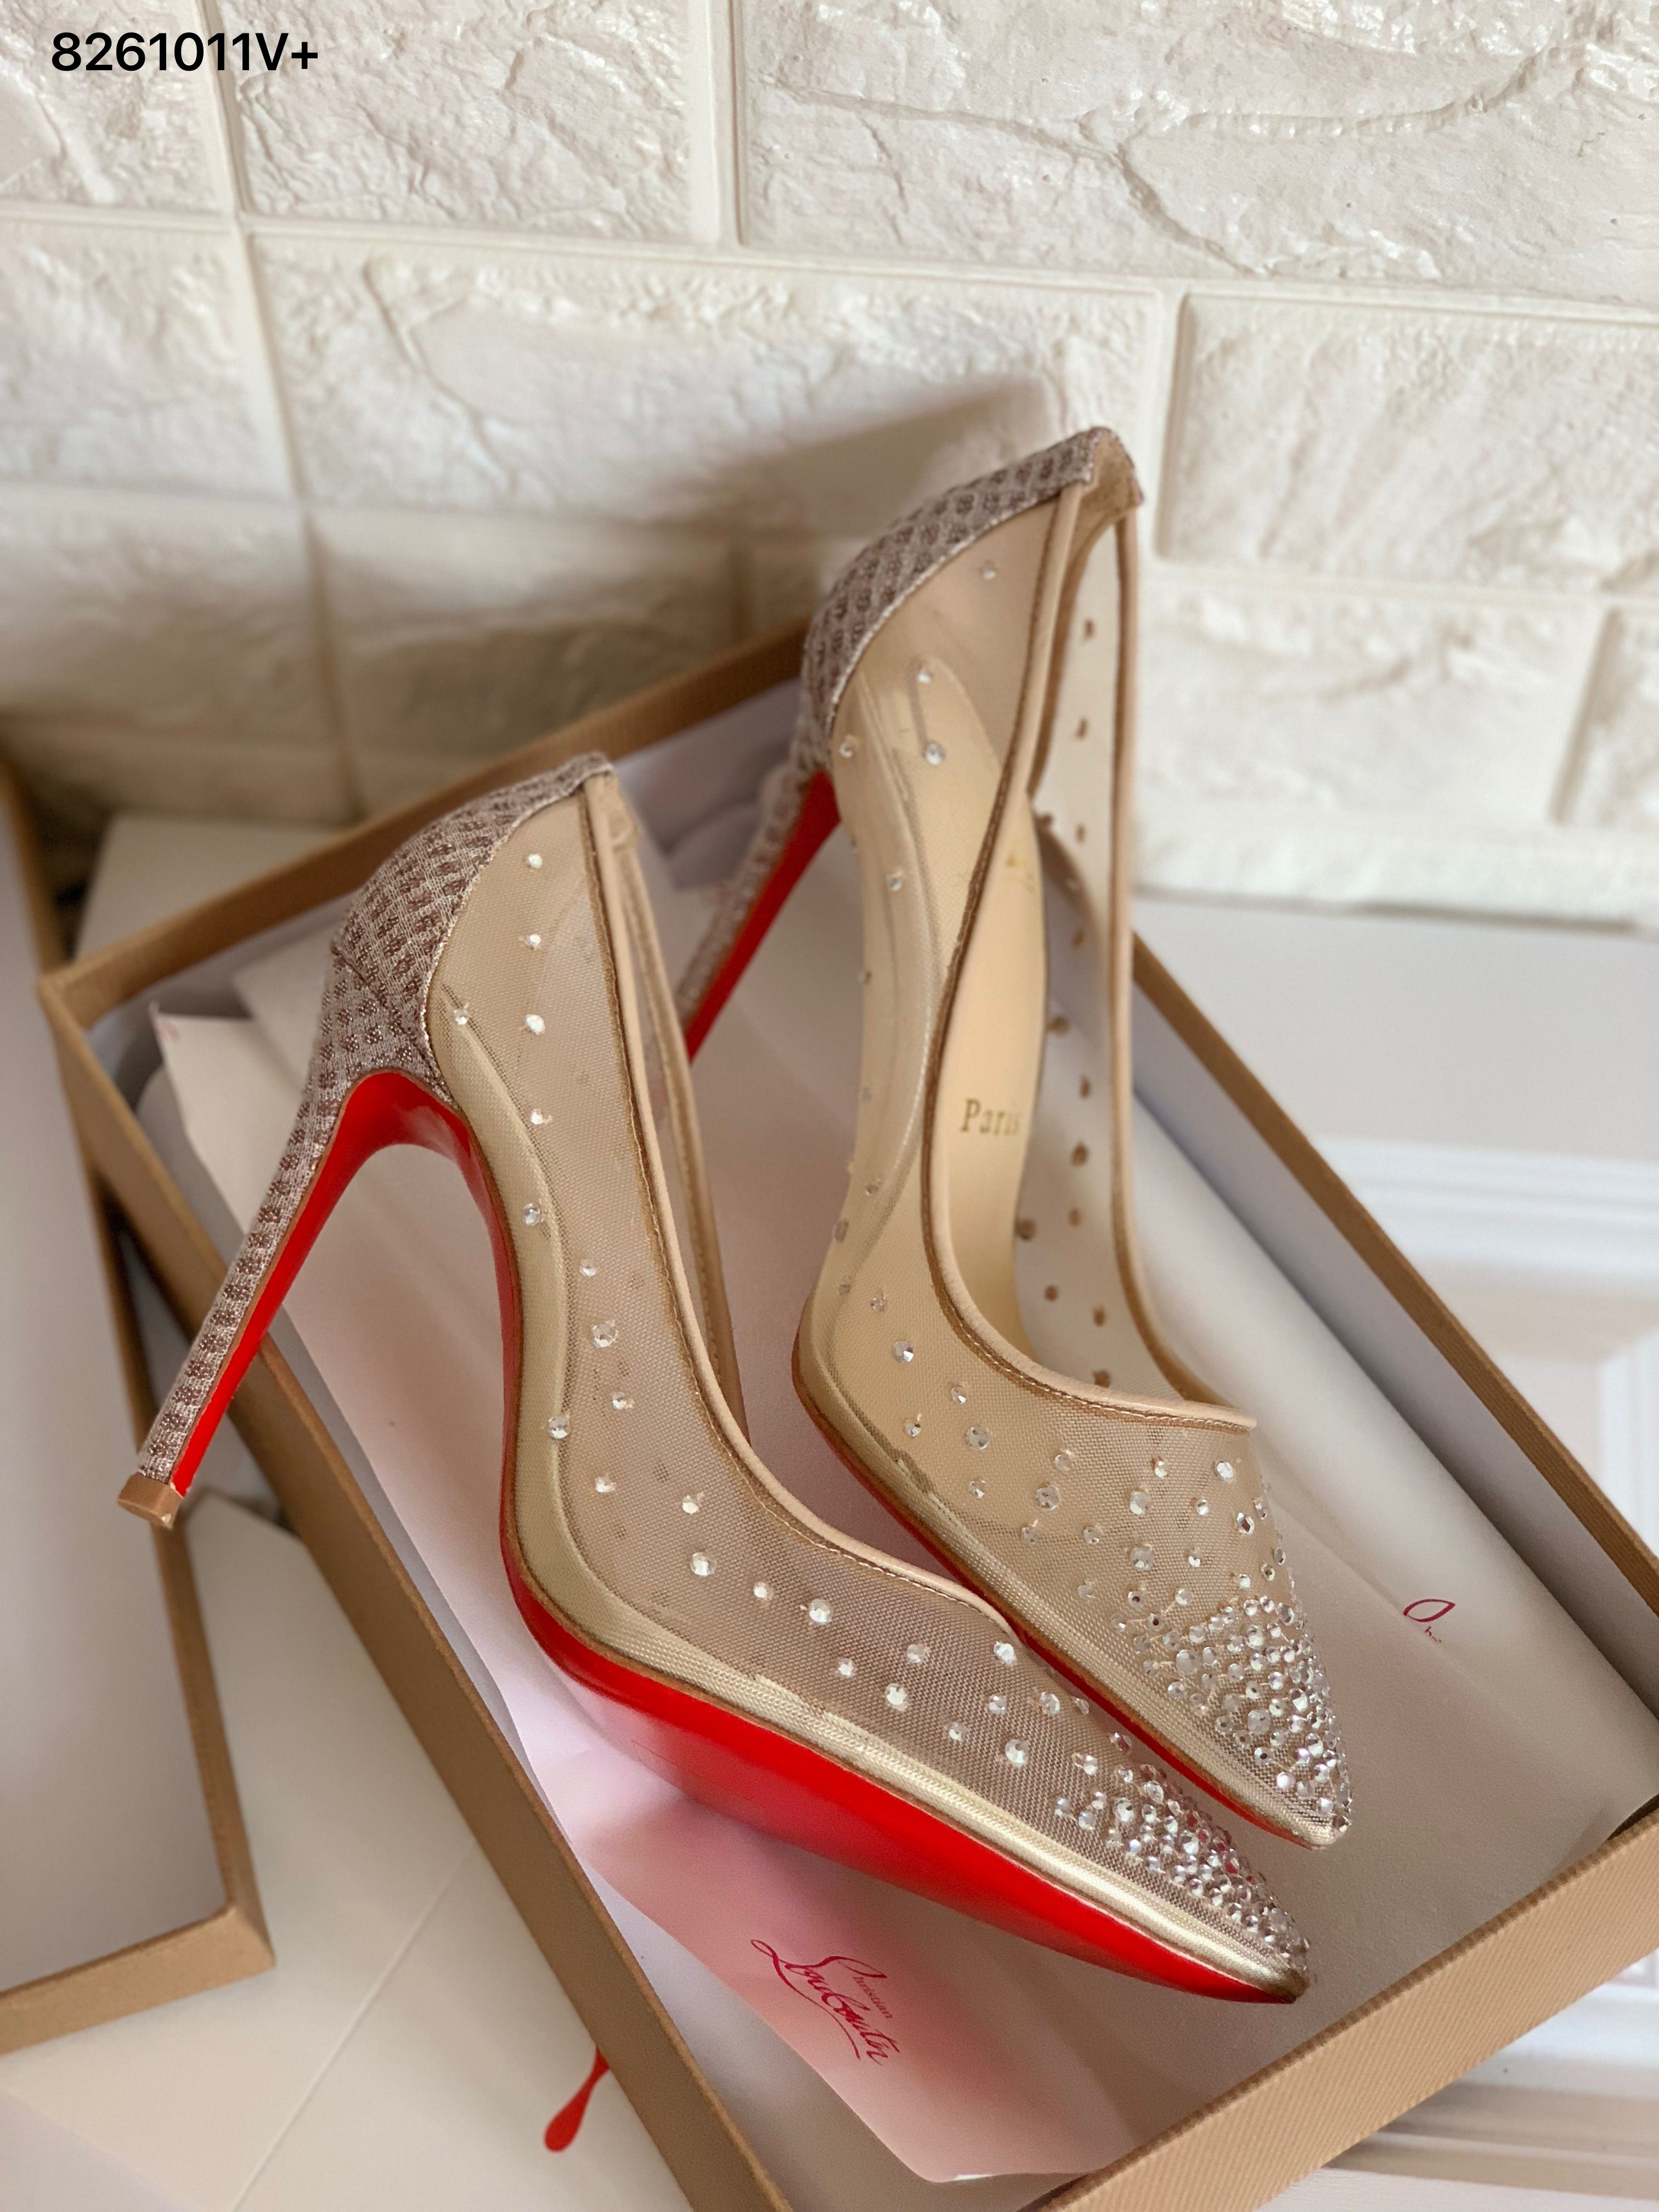 Heels, Christian louboutin shoes, Women